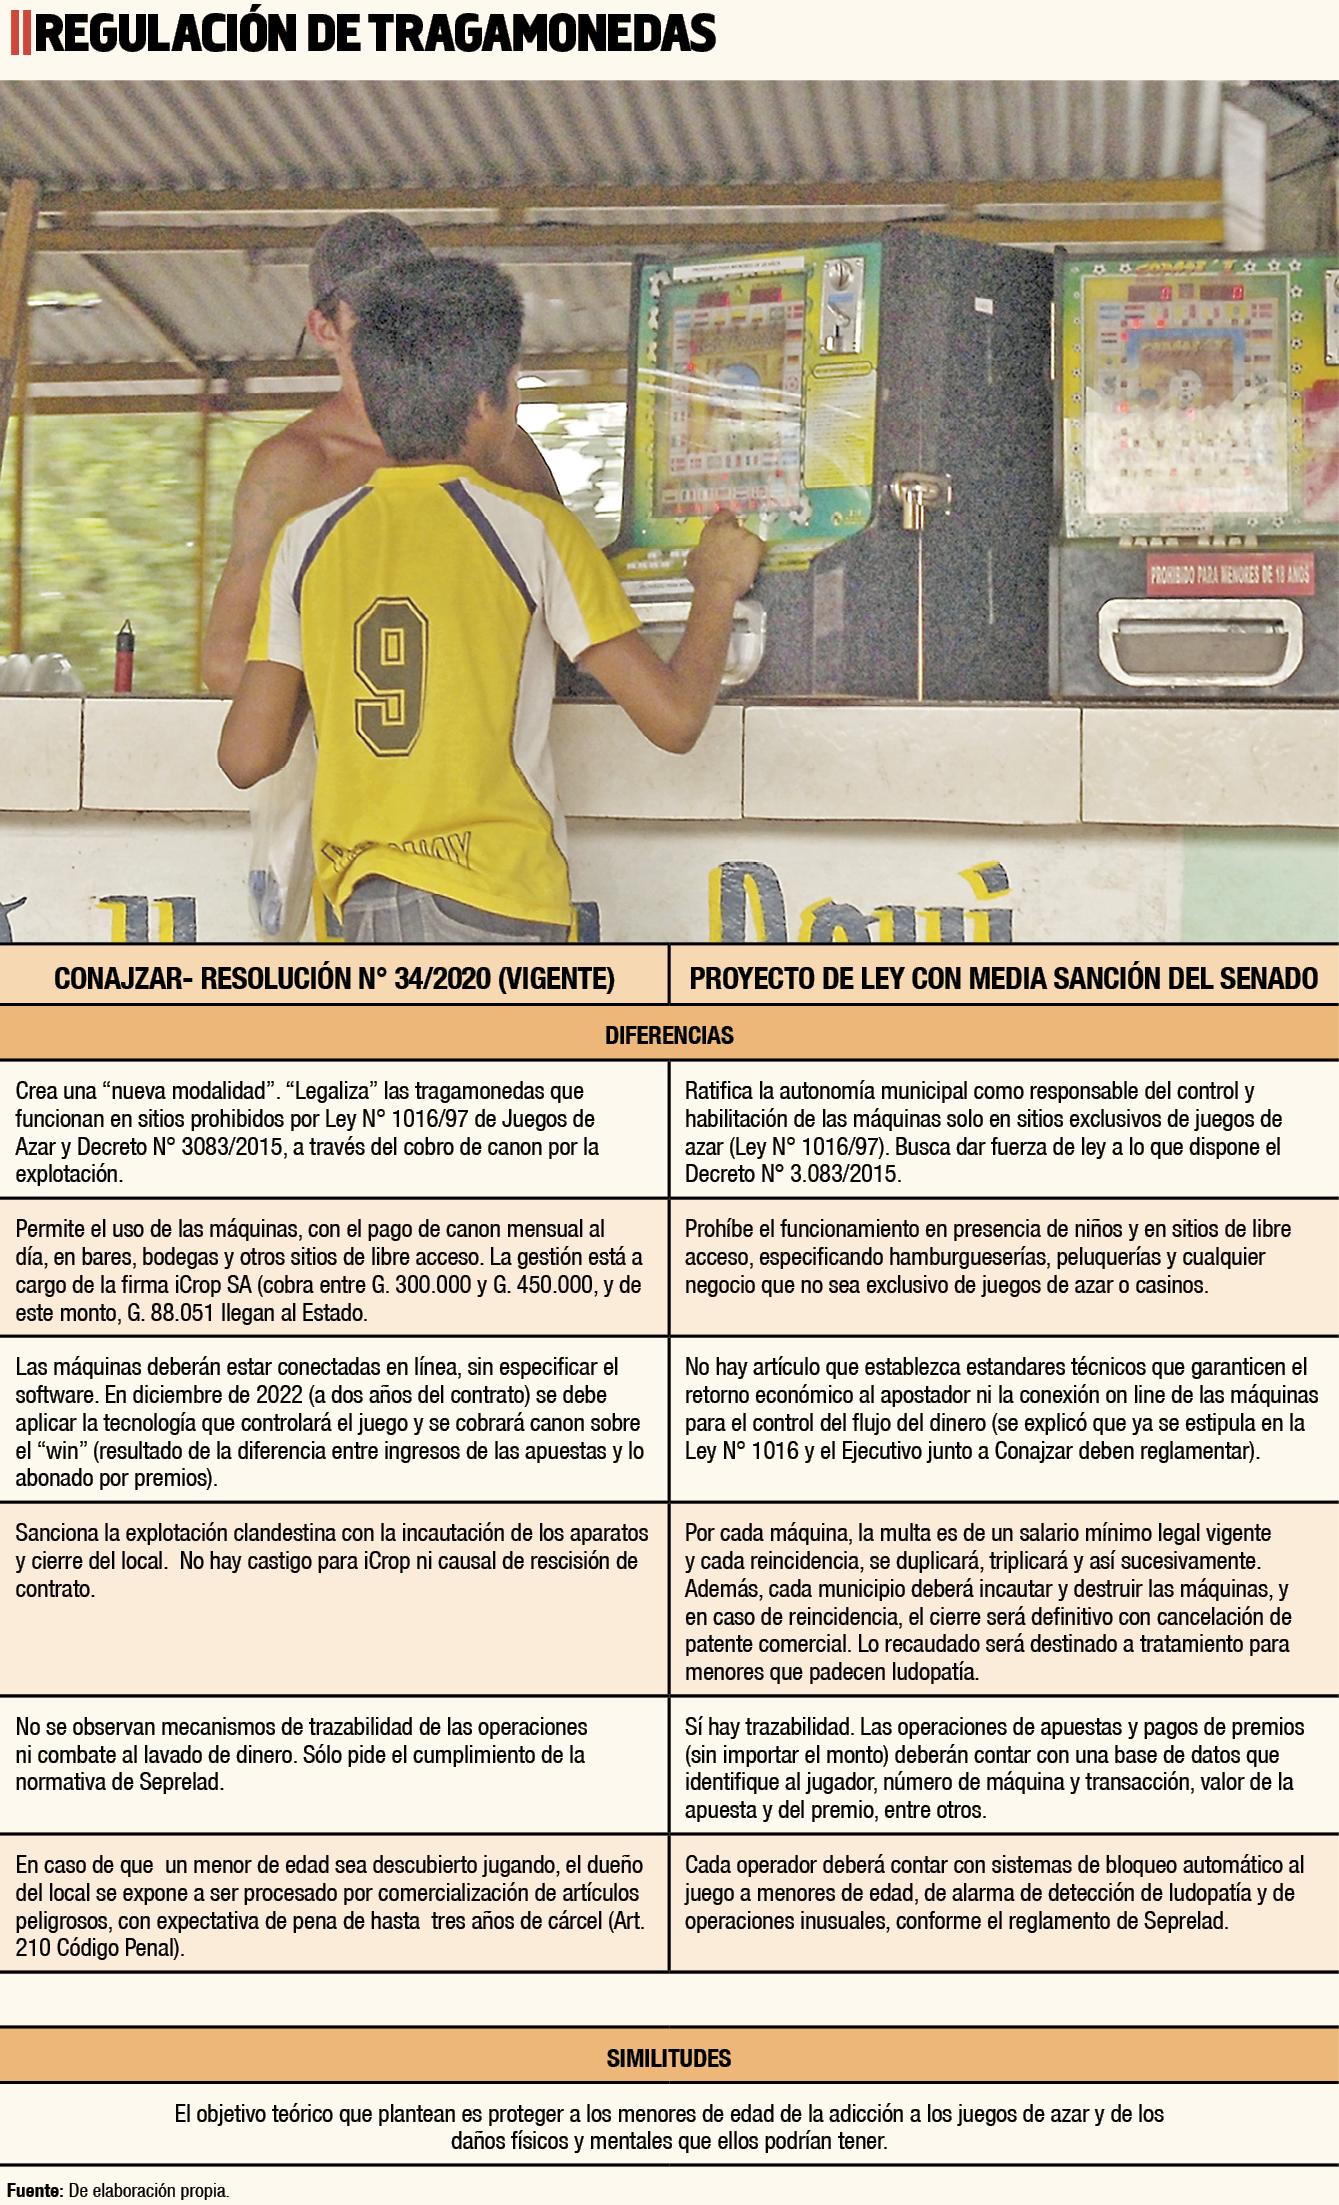 Comparativo de las disposiciones para la regulación de tragamonedas del país.